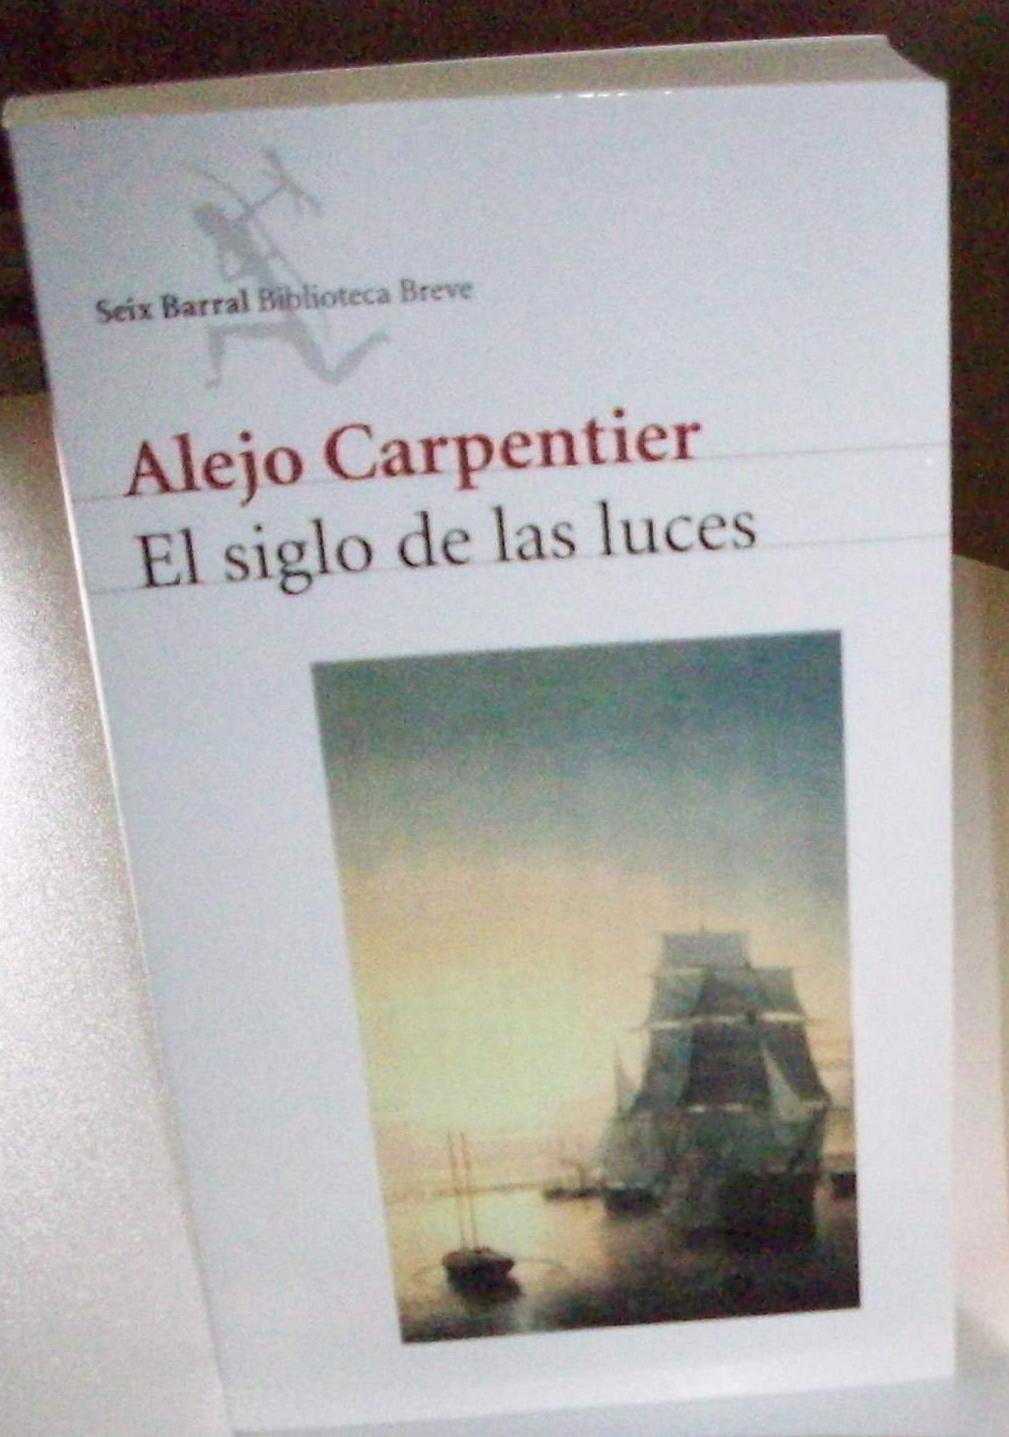 El siglo de las luces alejo carpentier el blog de lahierbaroja - Libreria de luces ...